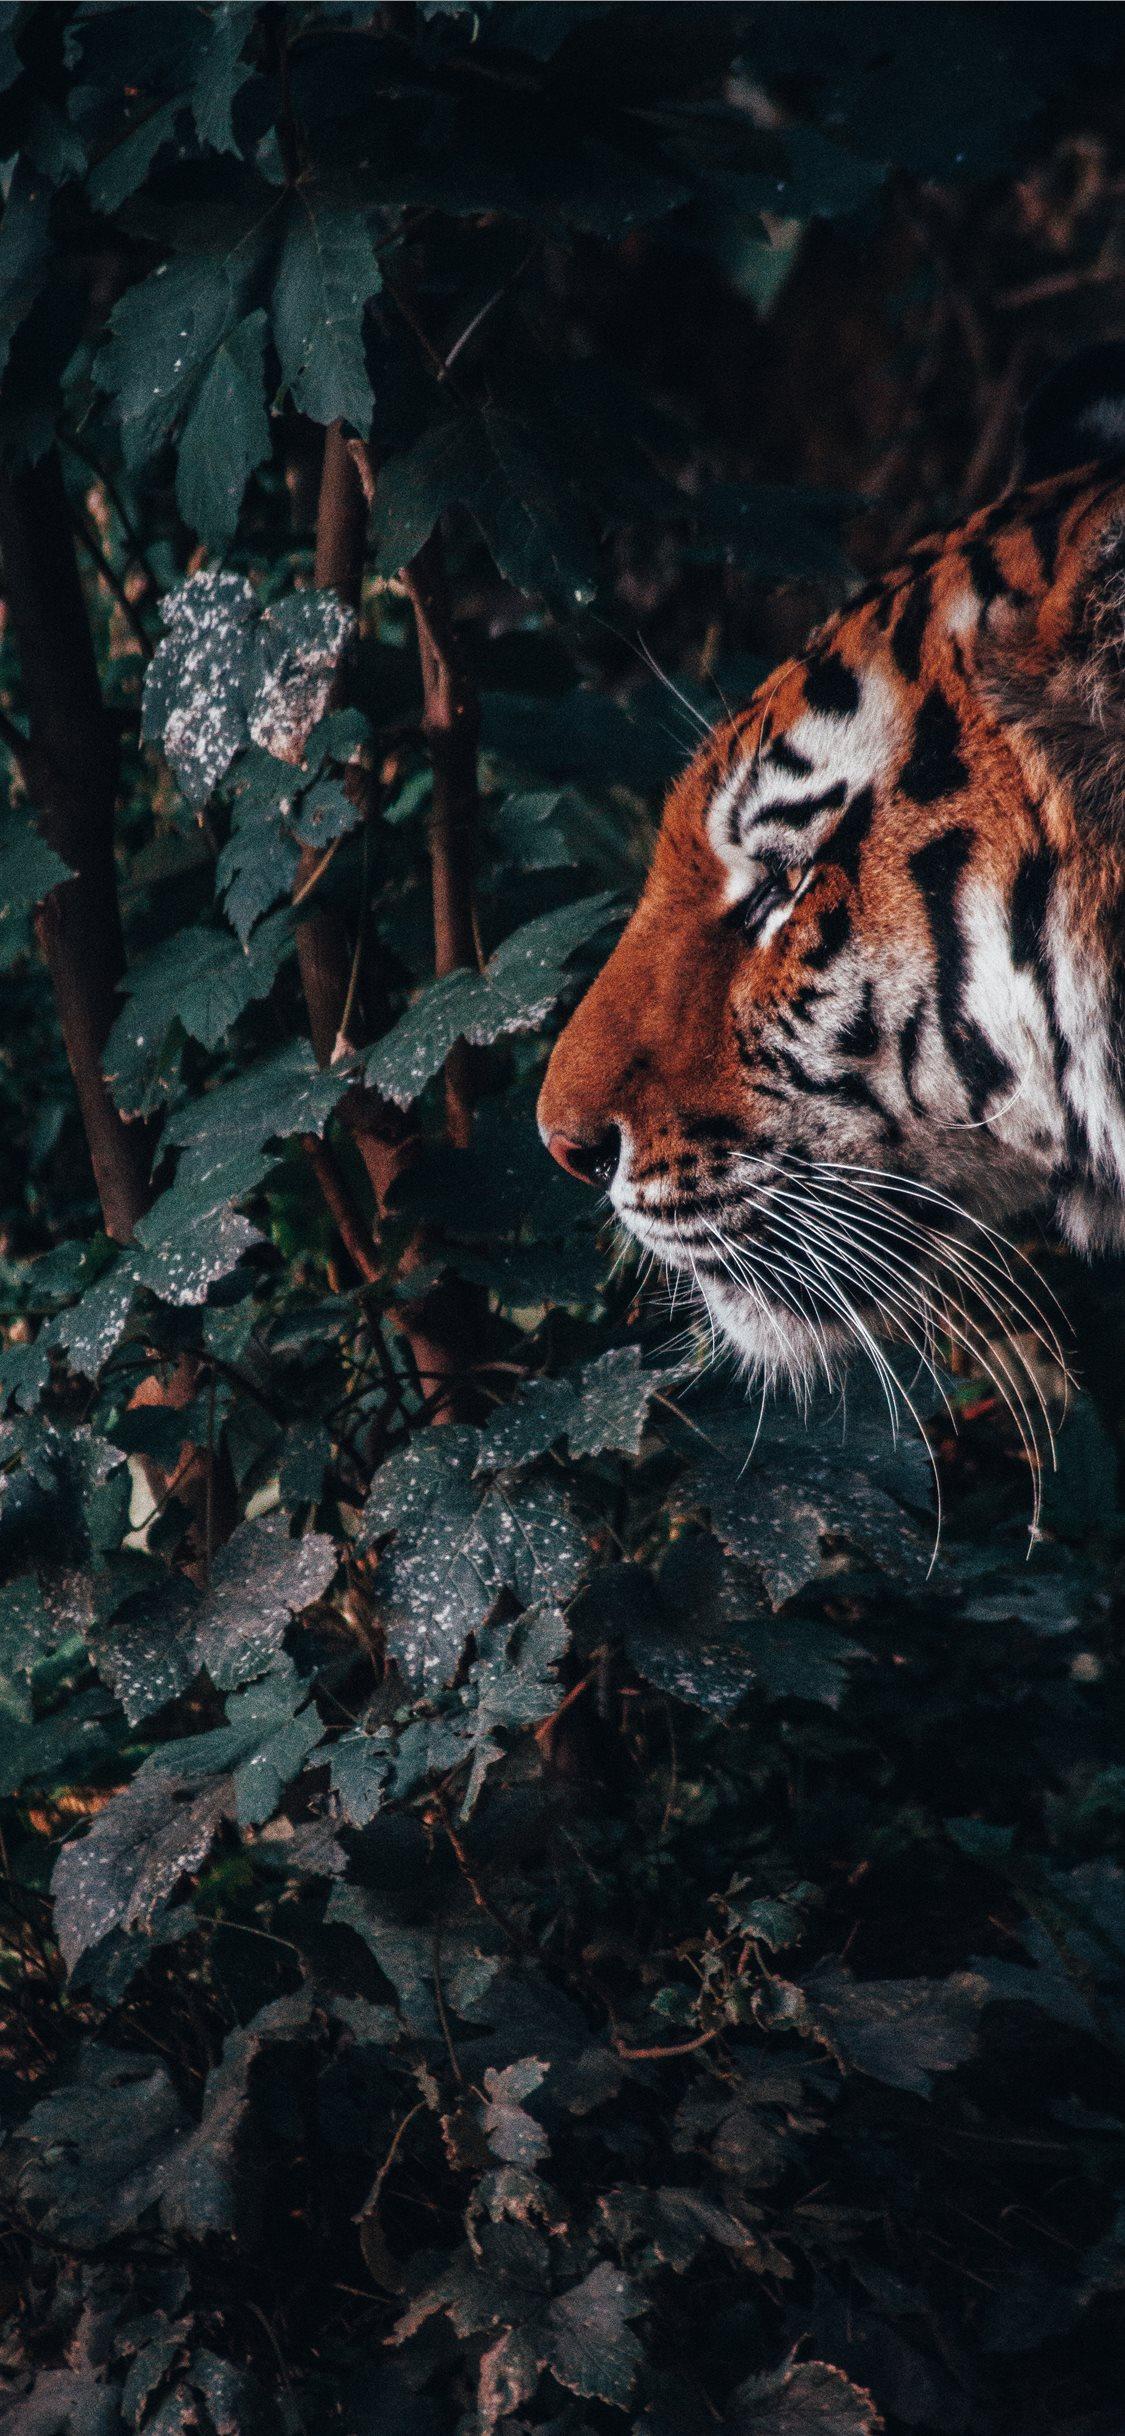 Tiger Wallpaper Hd Iphone X 1125x2436 Wallpaper Teahub Io